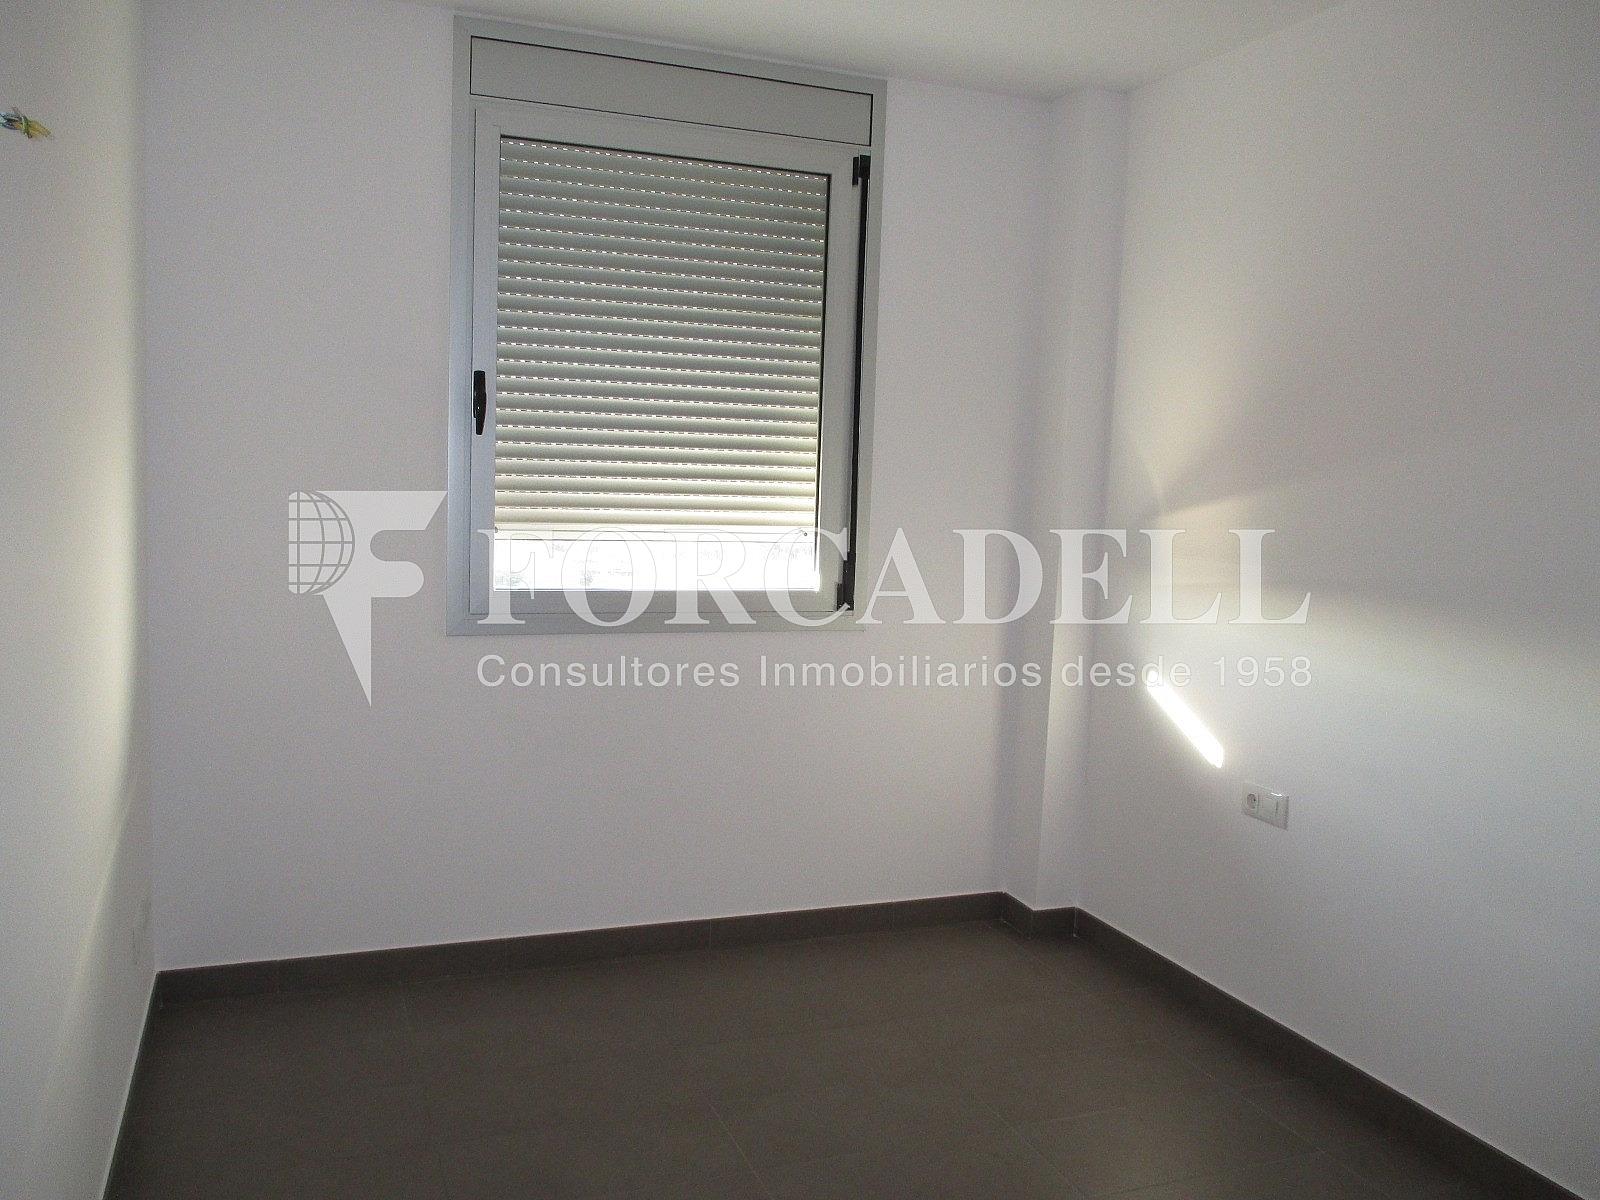 IMG_2680 - Piso en alquiler en calle Merce Rodoreda, Can clota en Esplugues de Llobregat - 331432080